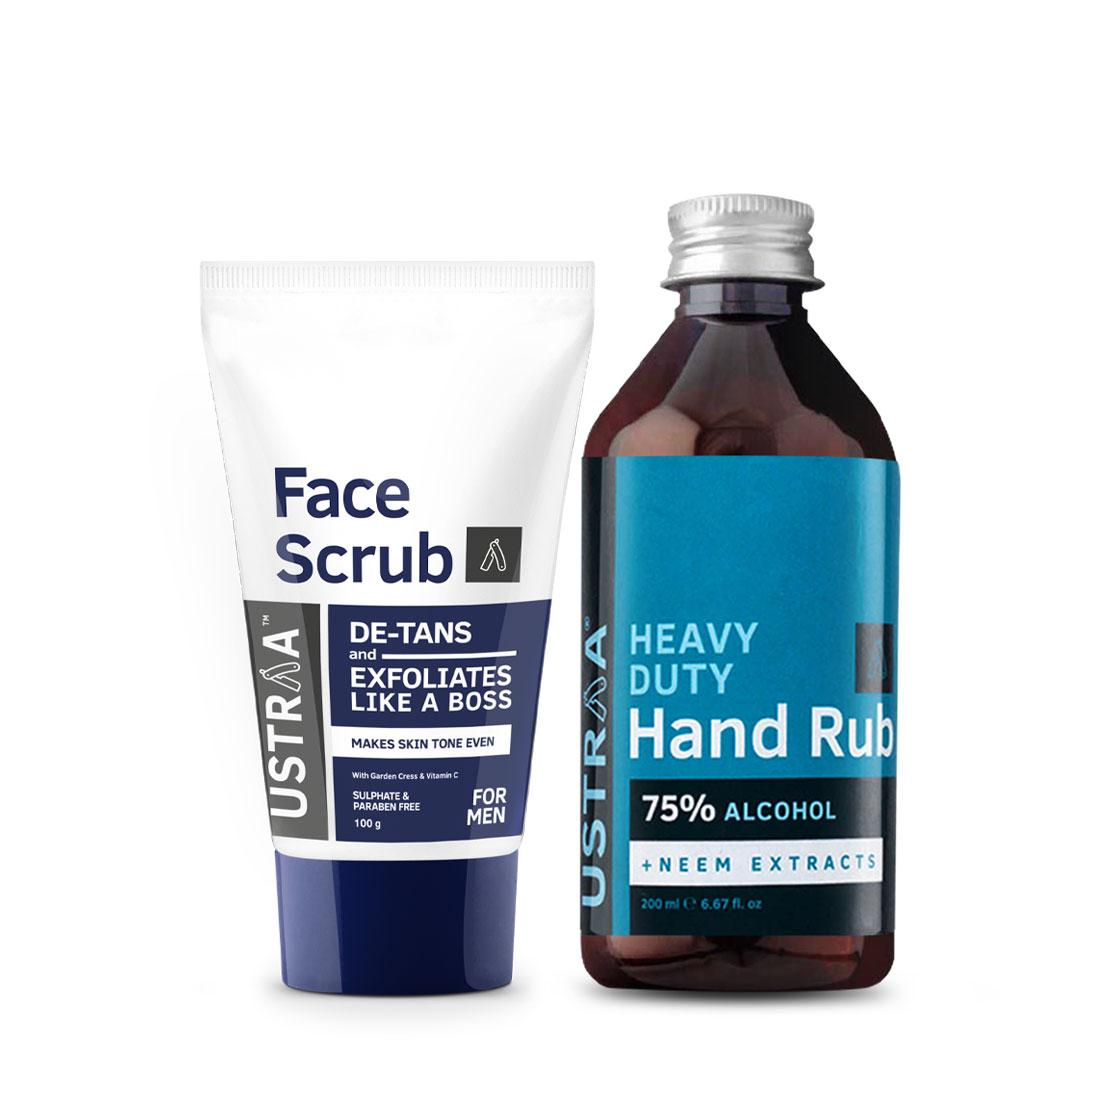 Face Scrub De-tan and Hand Rub - 200 ml